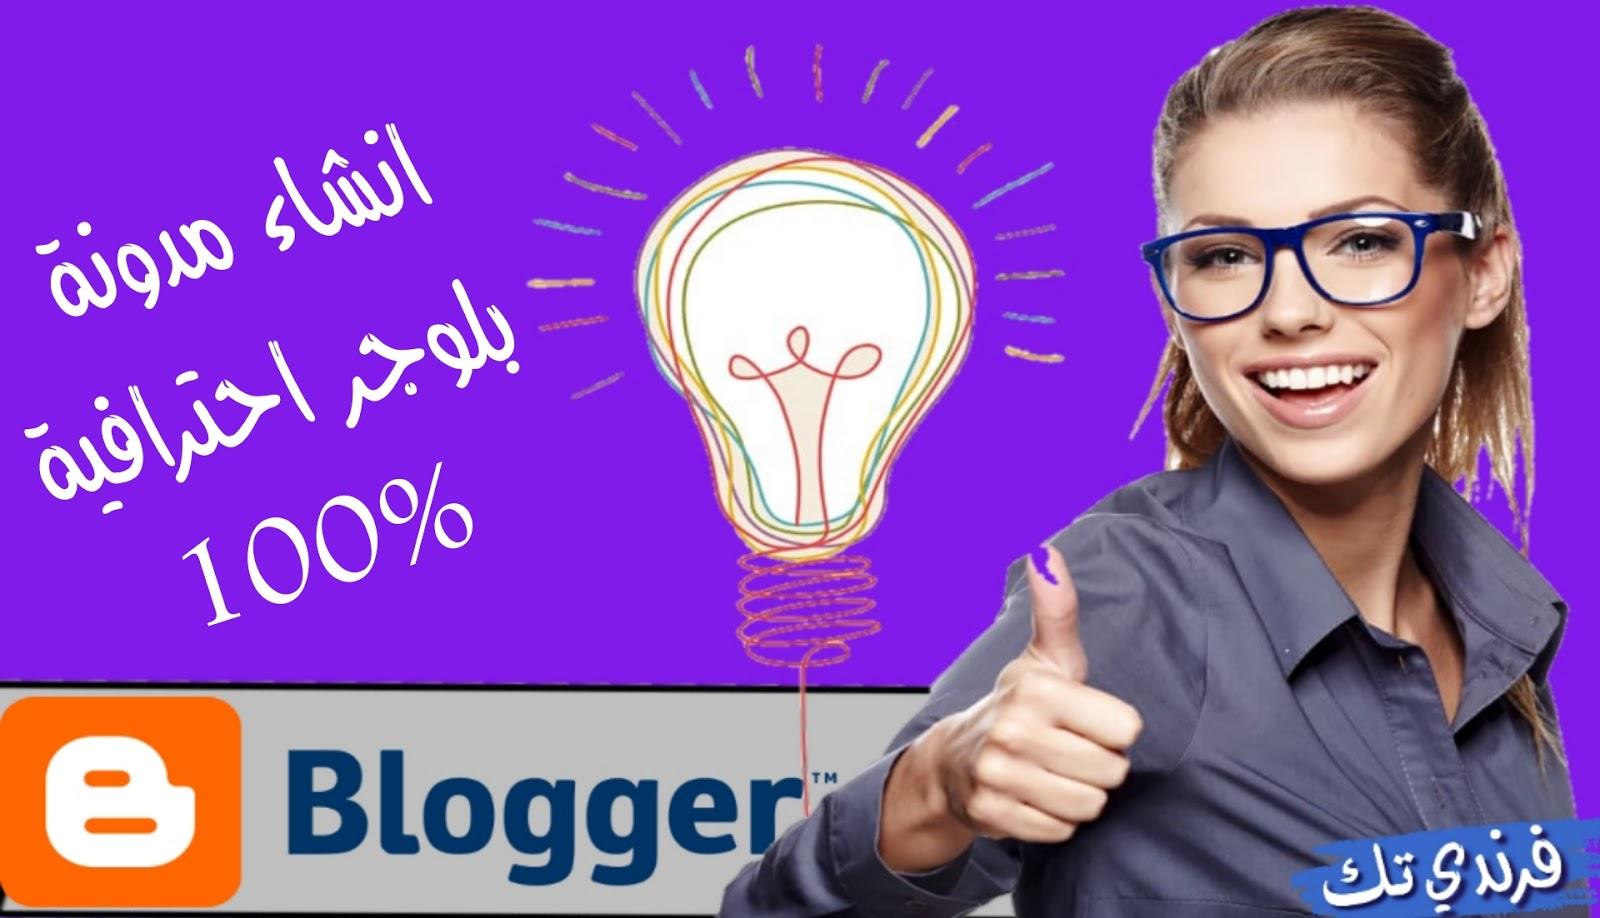 انشاء مدونة بلوجر احترافية 2020 || والربح منها خطوة بخطوة للمبتدئين